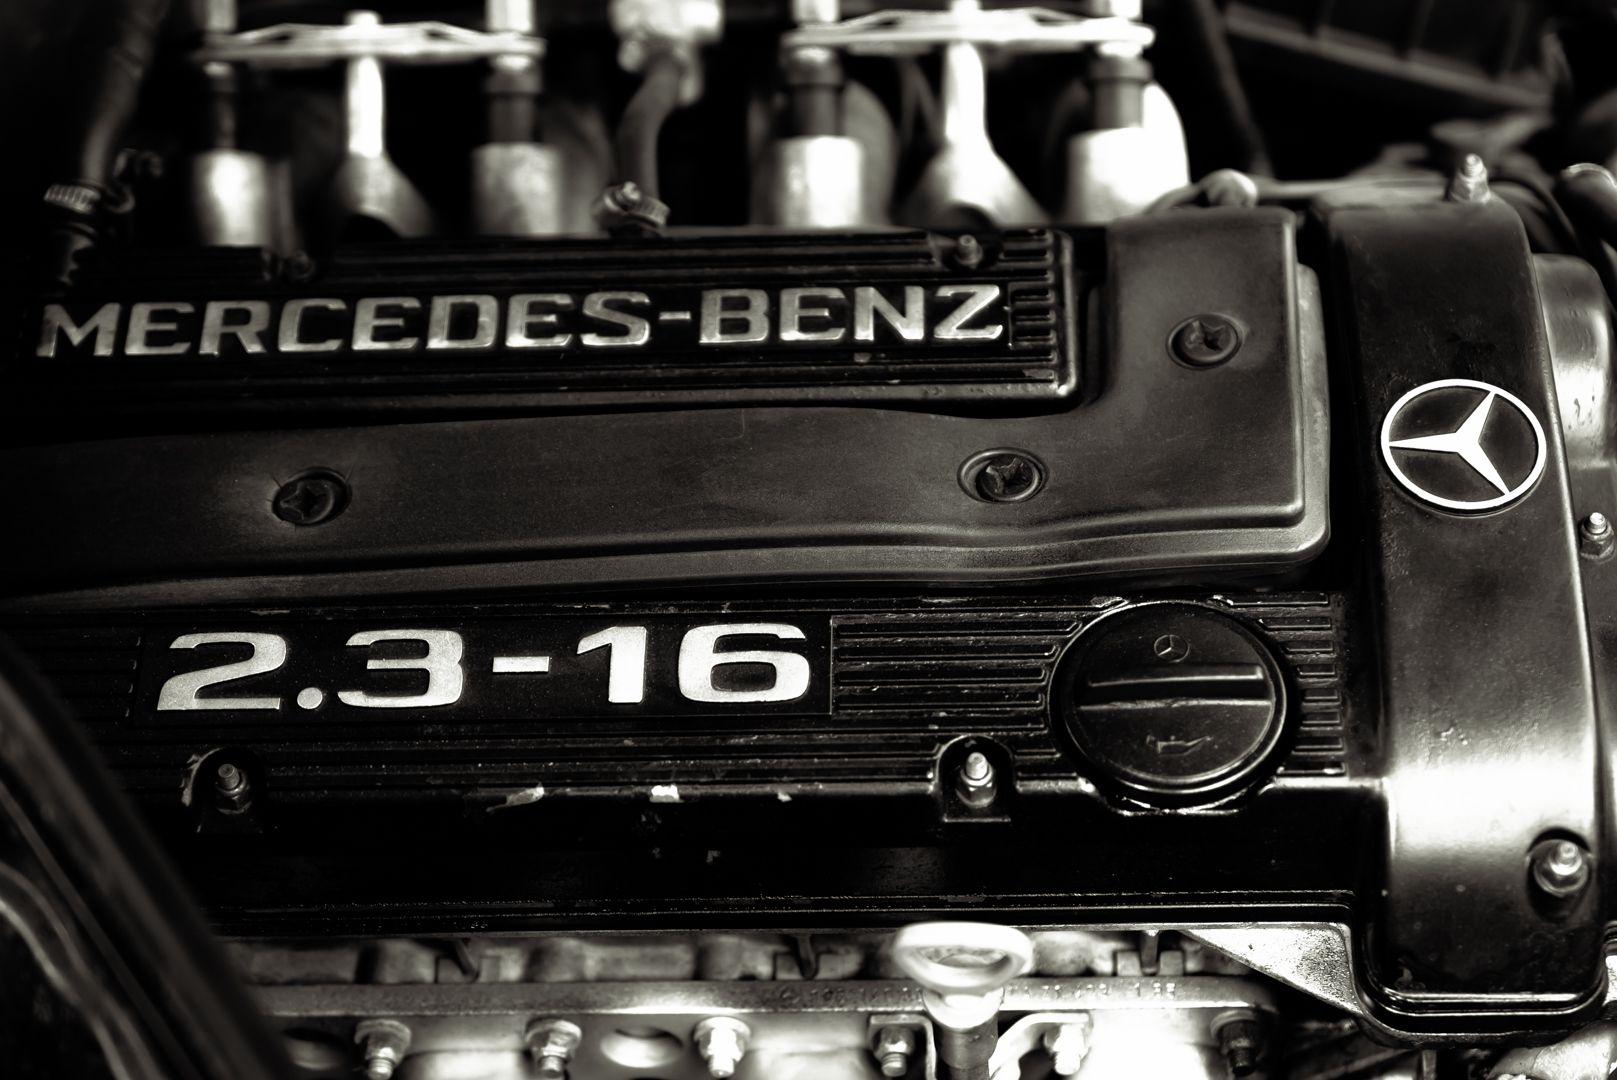 1985 Mercedes-Benz 190E 2.3-16 71368